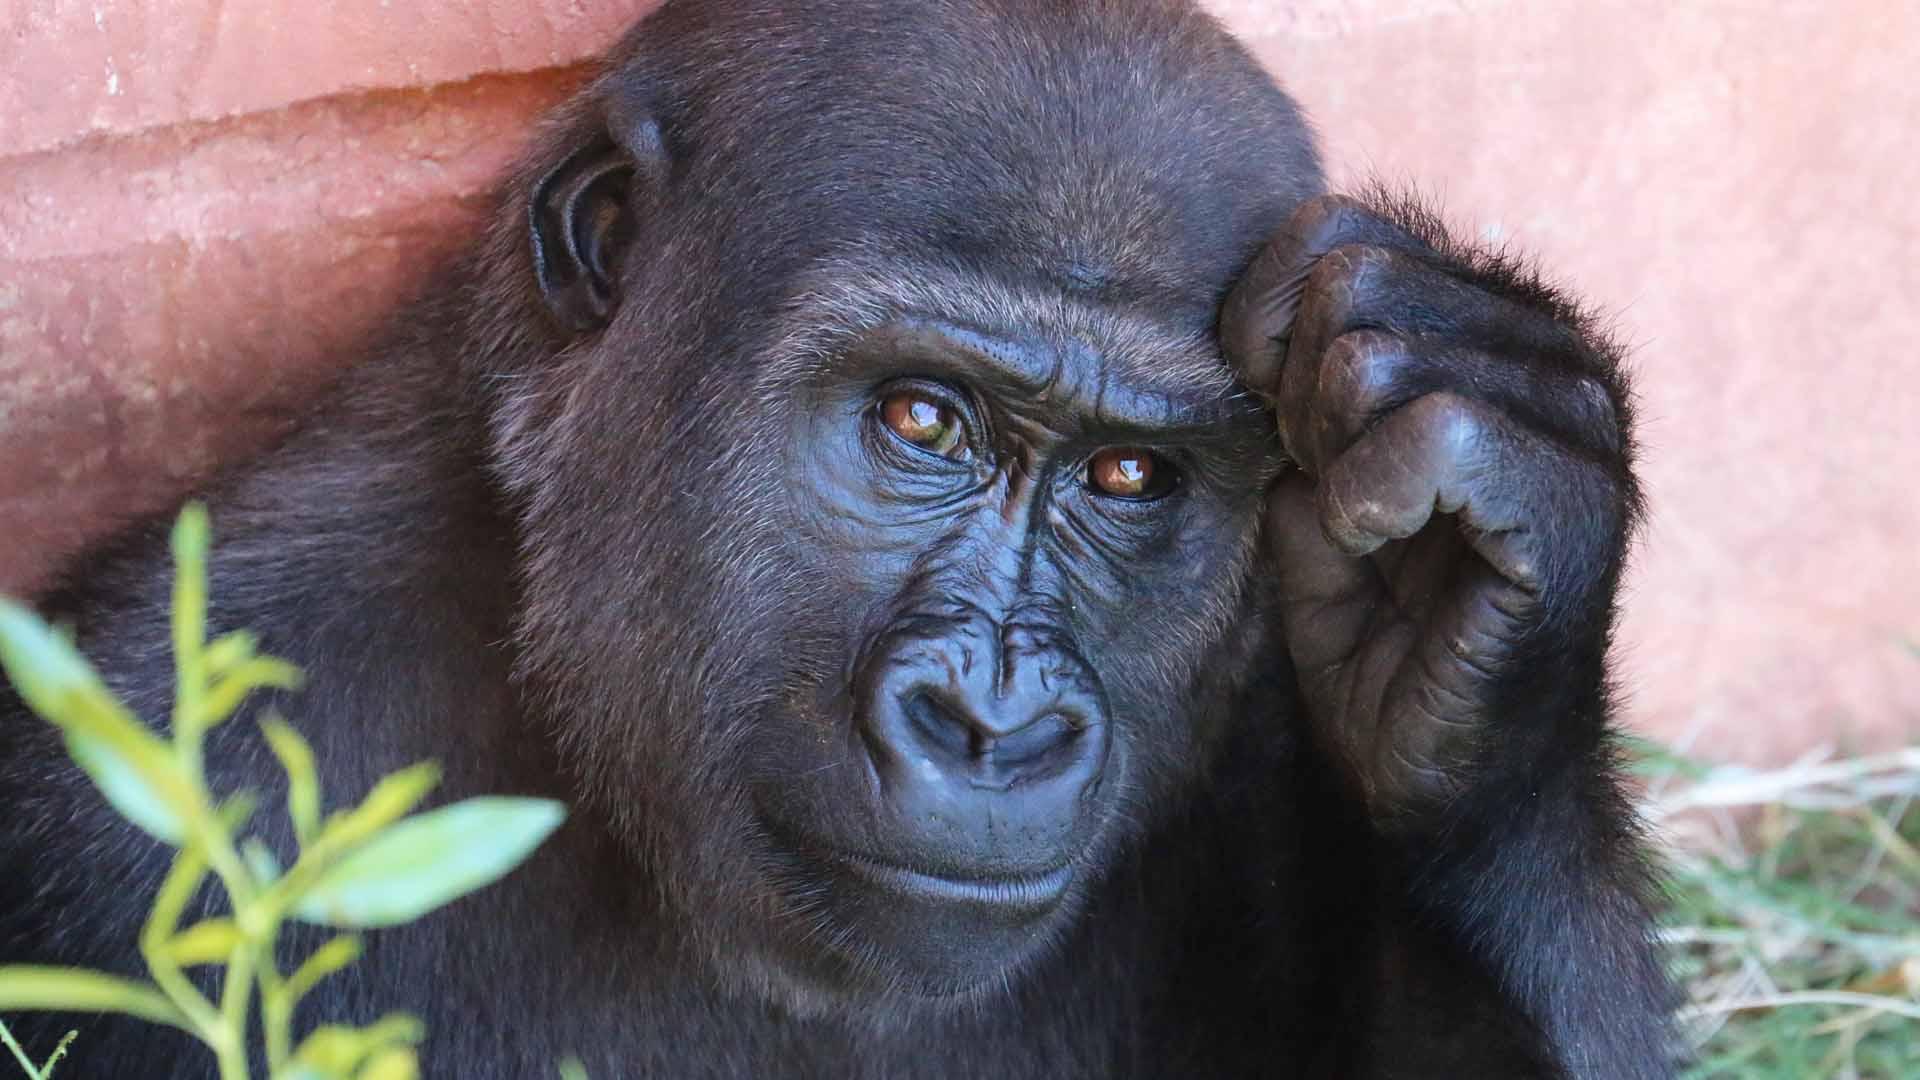 animali a rischio di estinzione